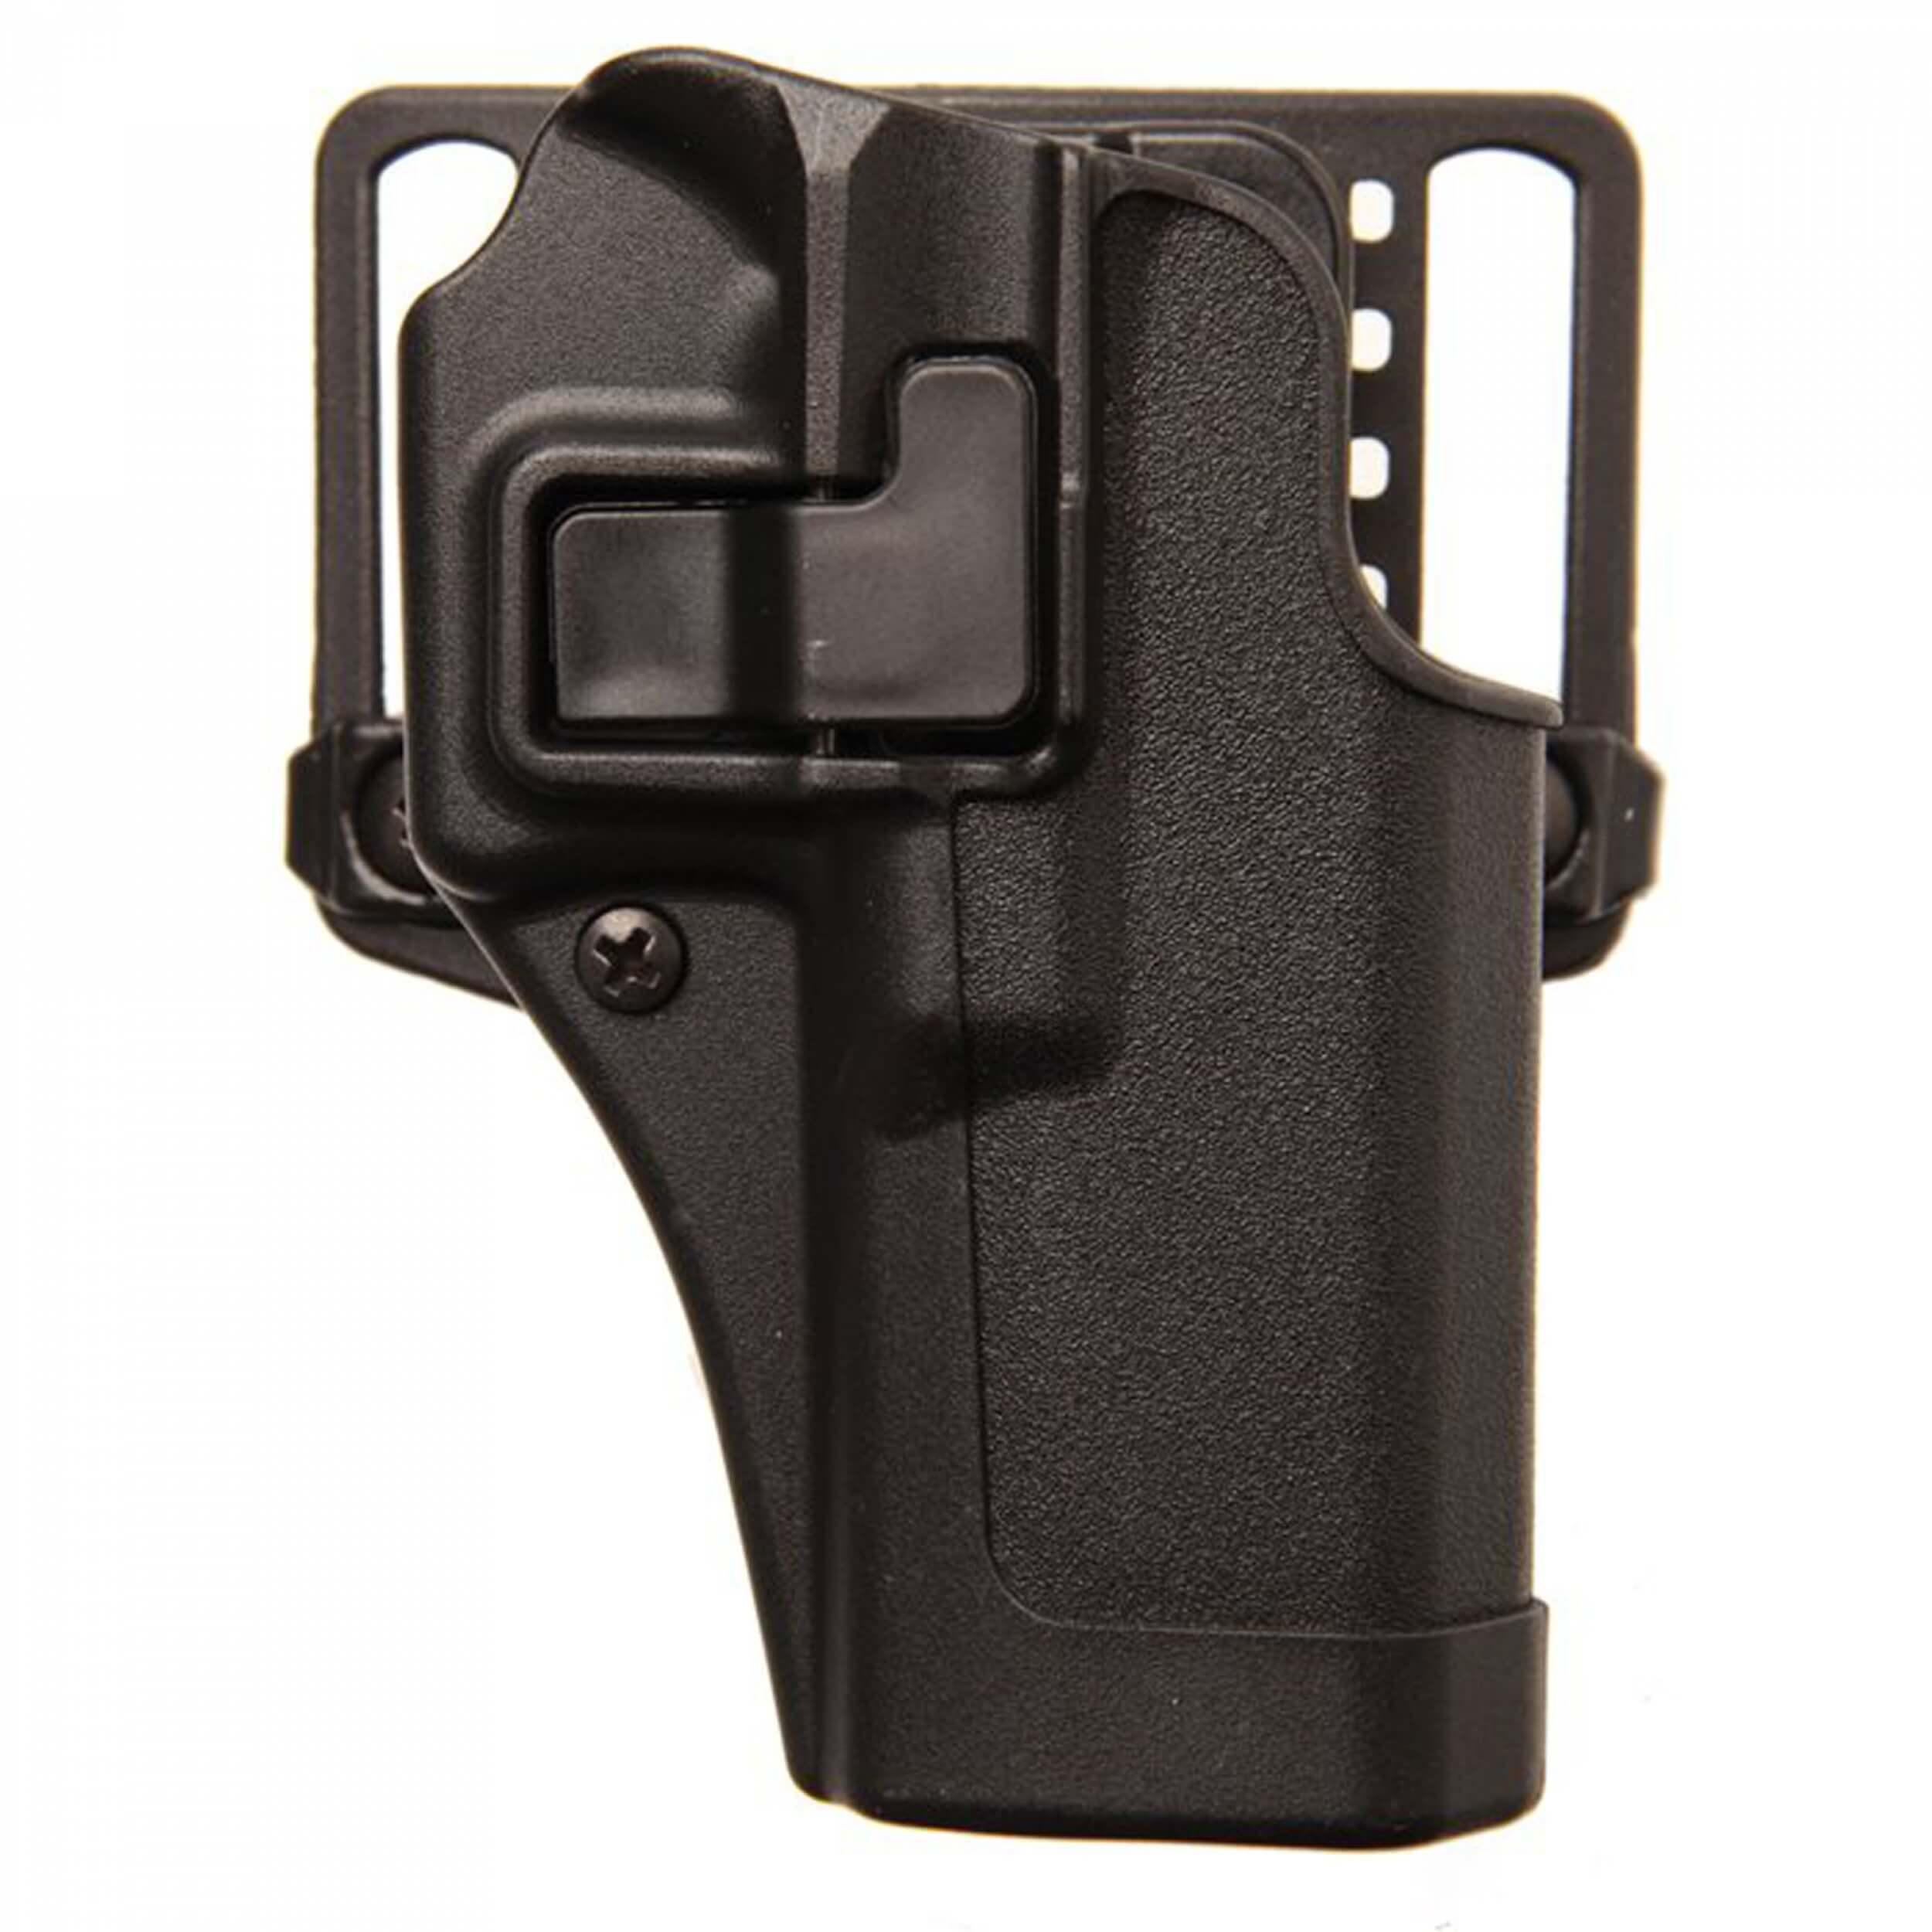 Blackhawk CQC Holster für H&K P30 | eBay